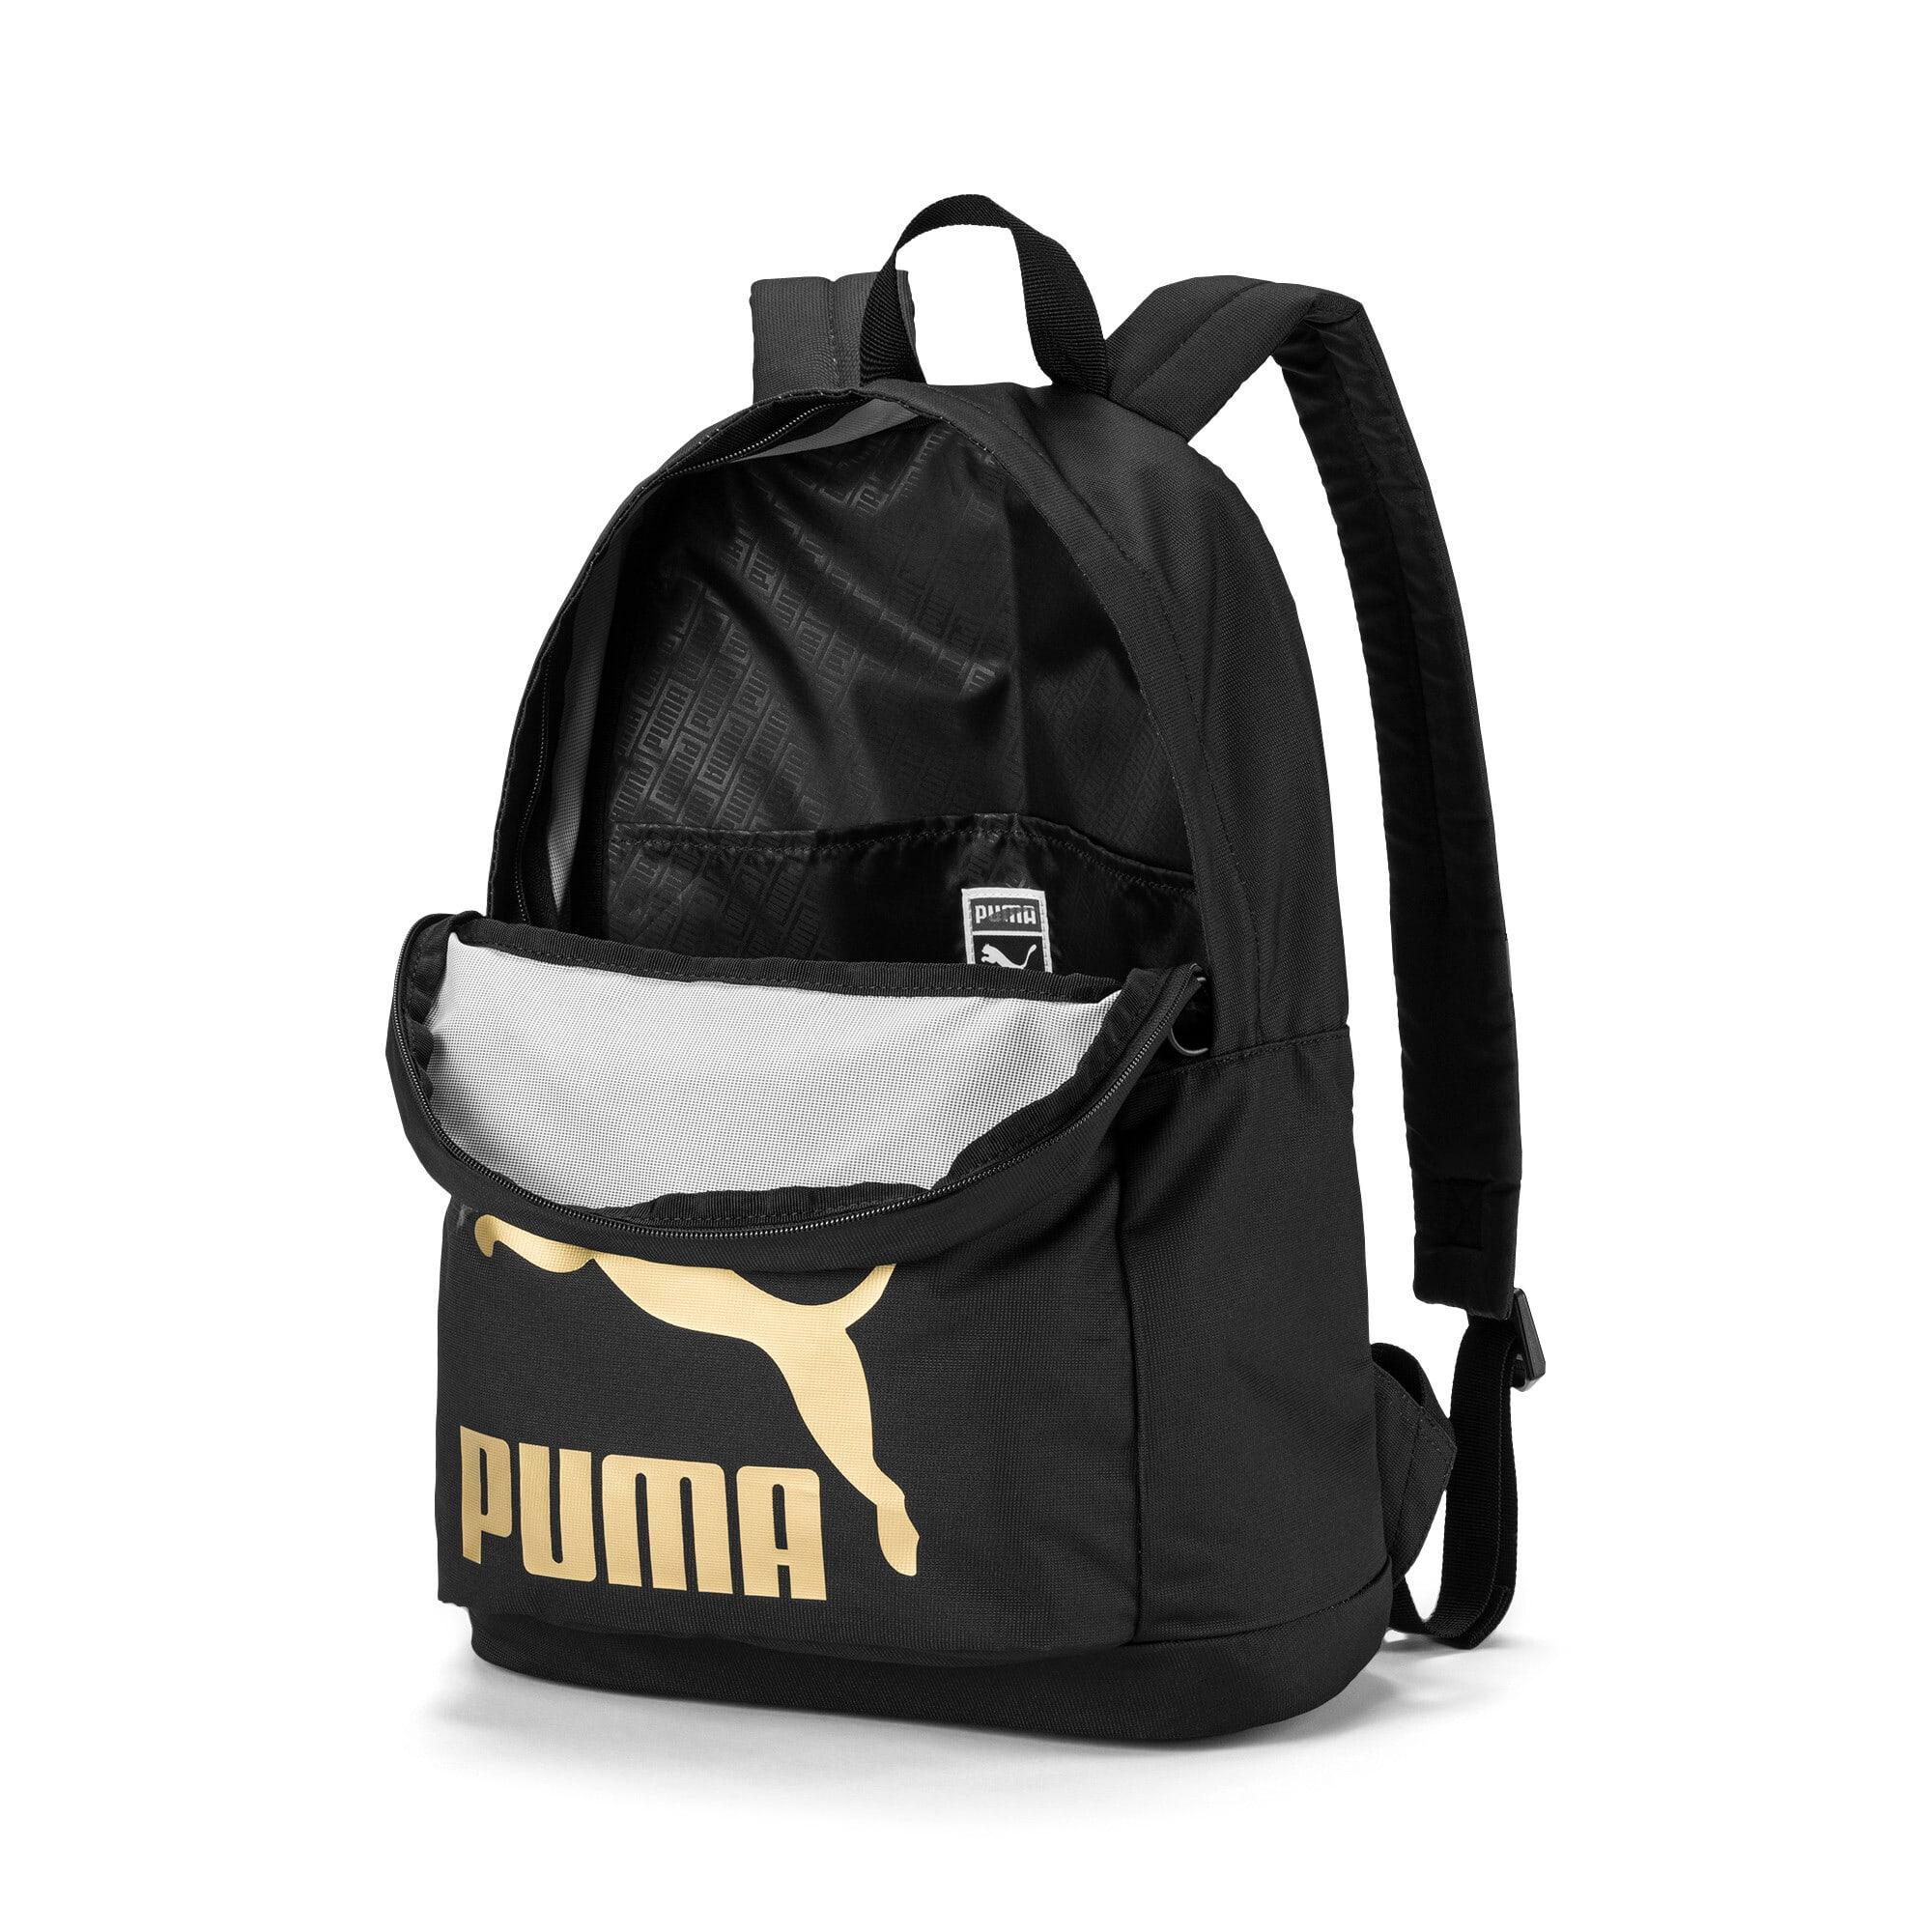 Thumbnail 4 of Originals Backpack, Puma Black, medium